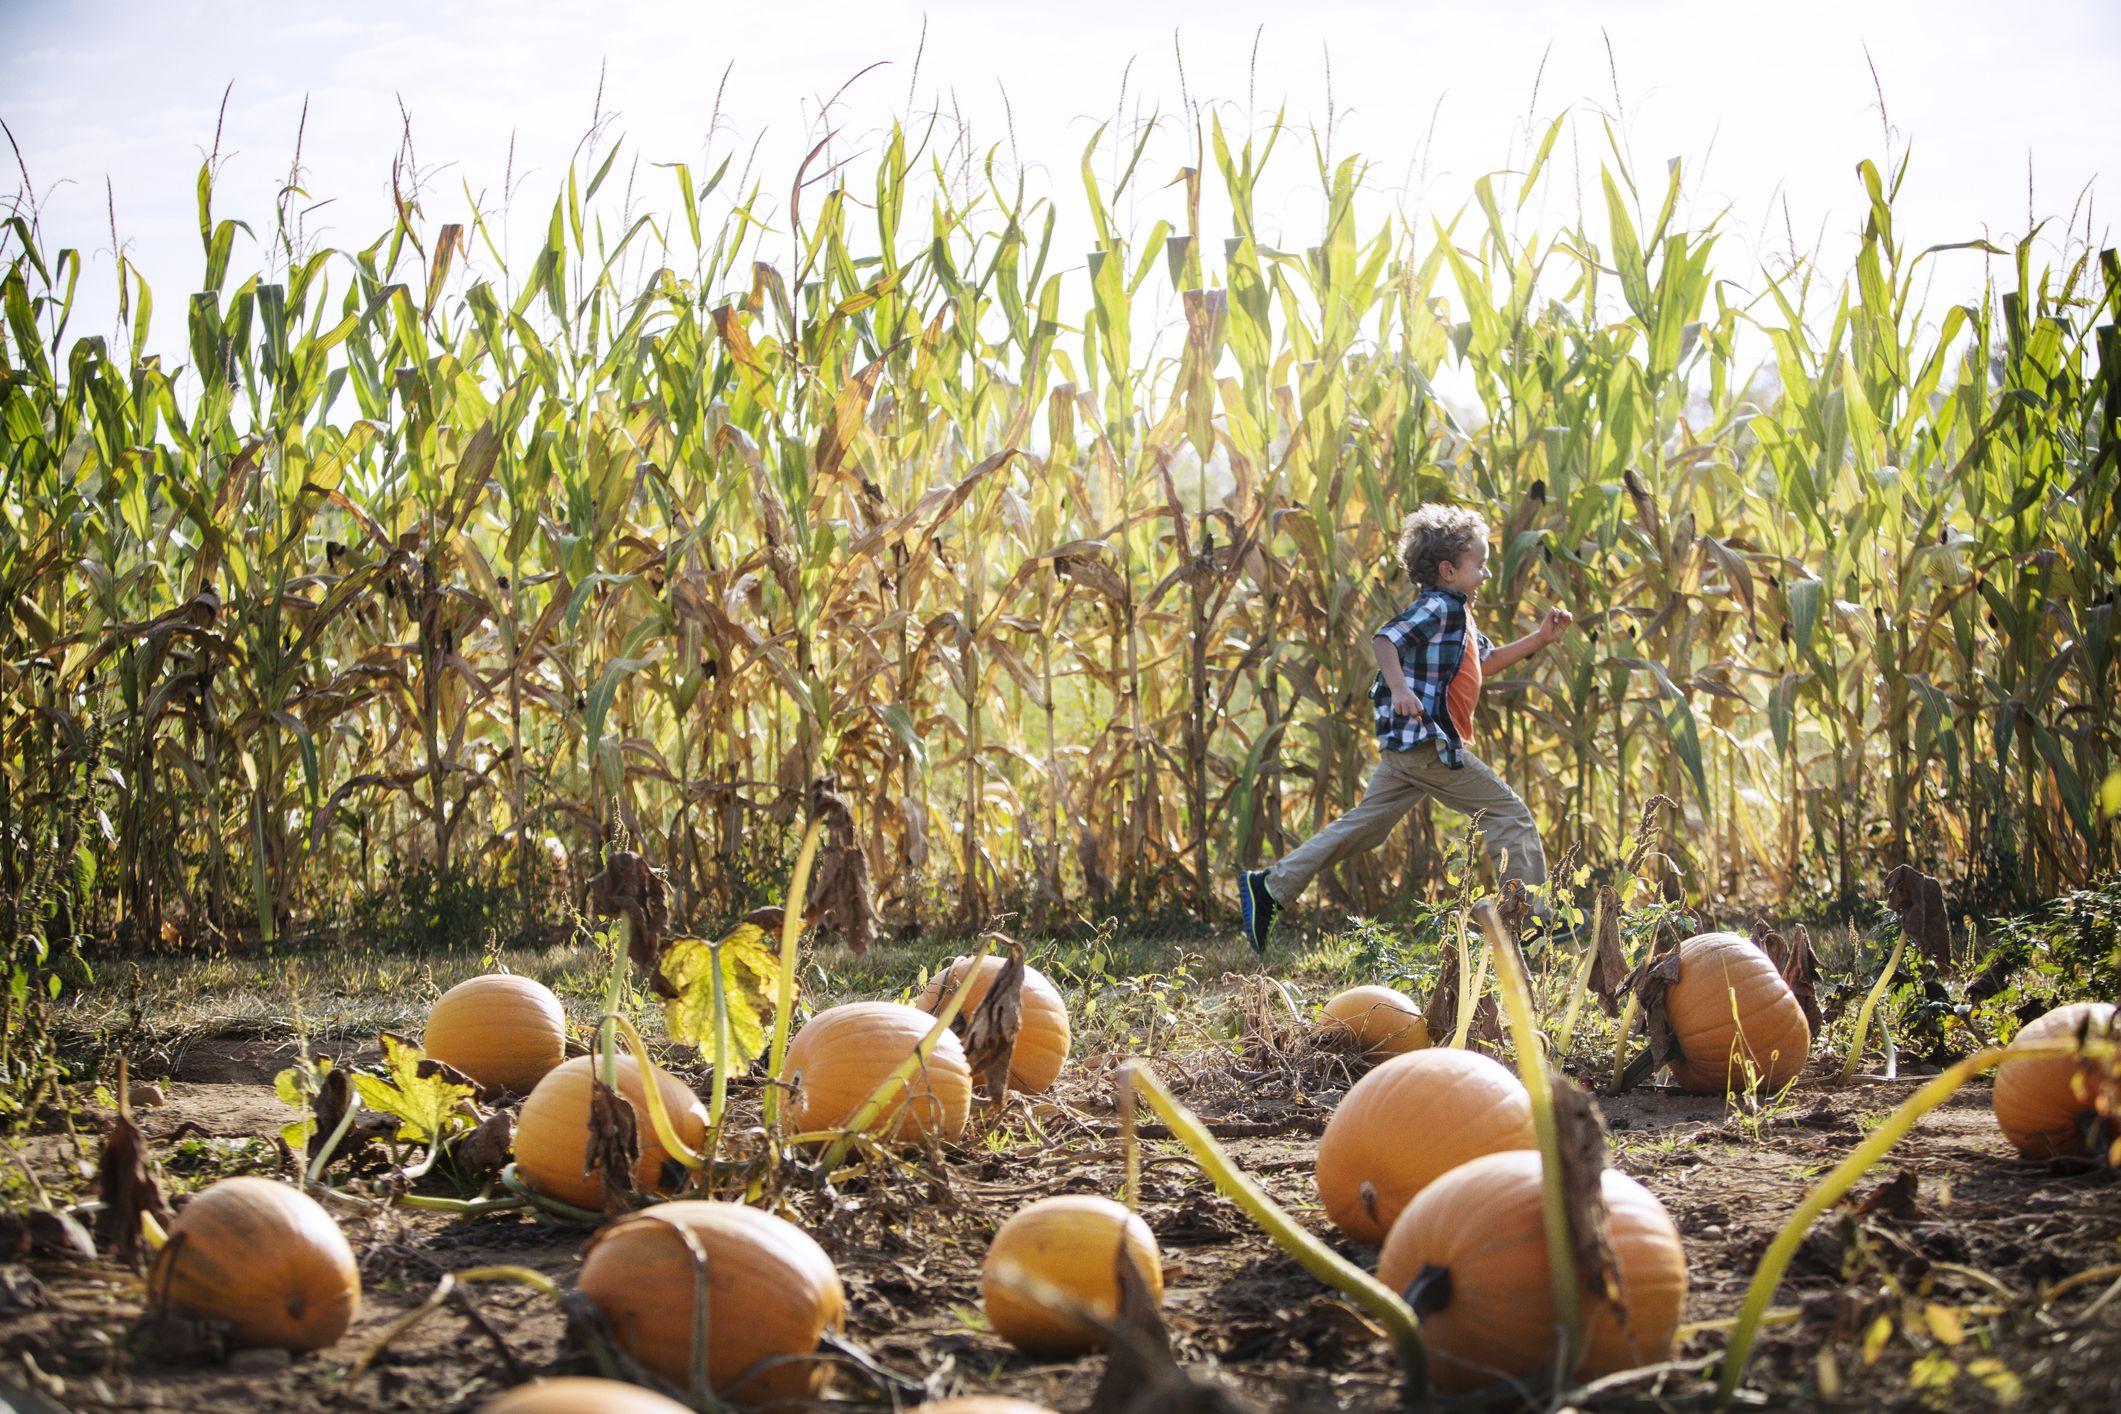 Niño corriendo por calabazas en la granja